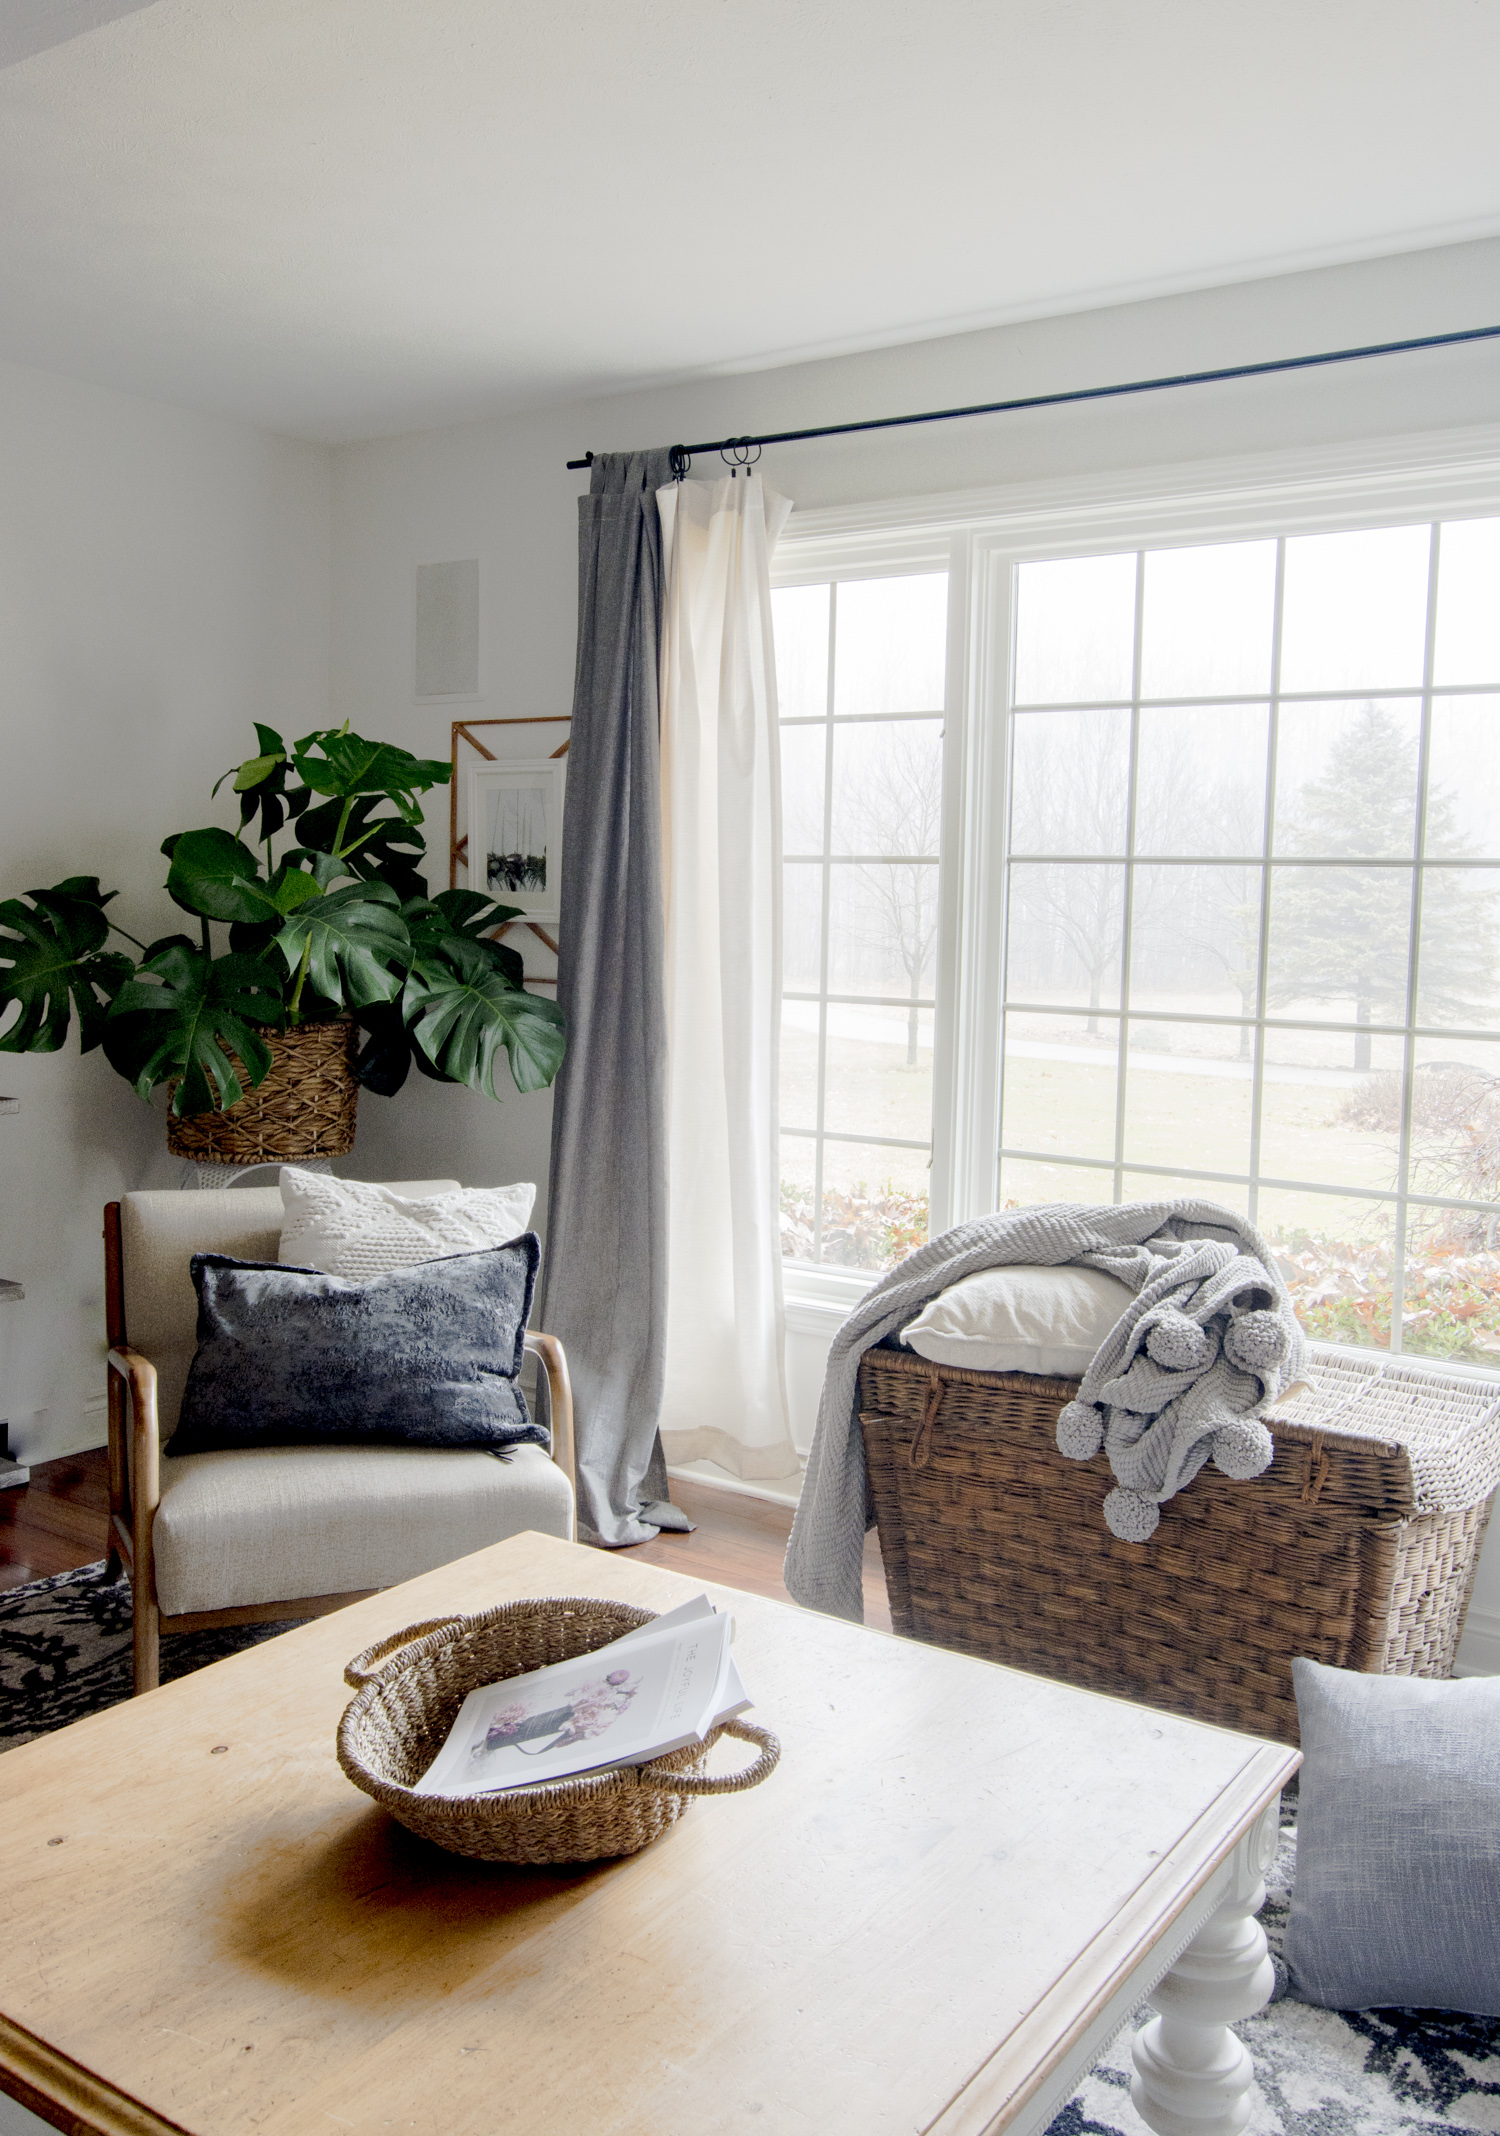 Arm chair in a modern farmhouse living room.